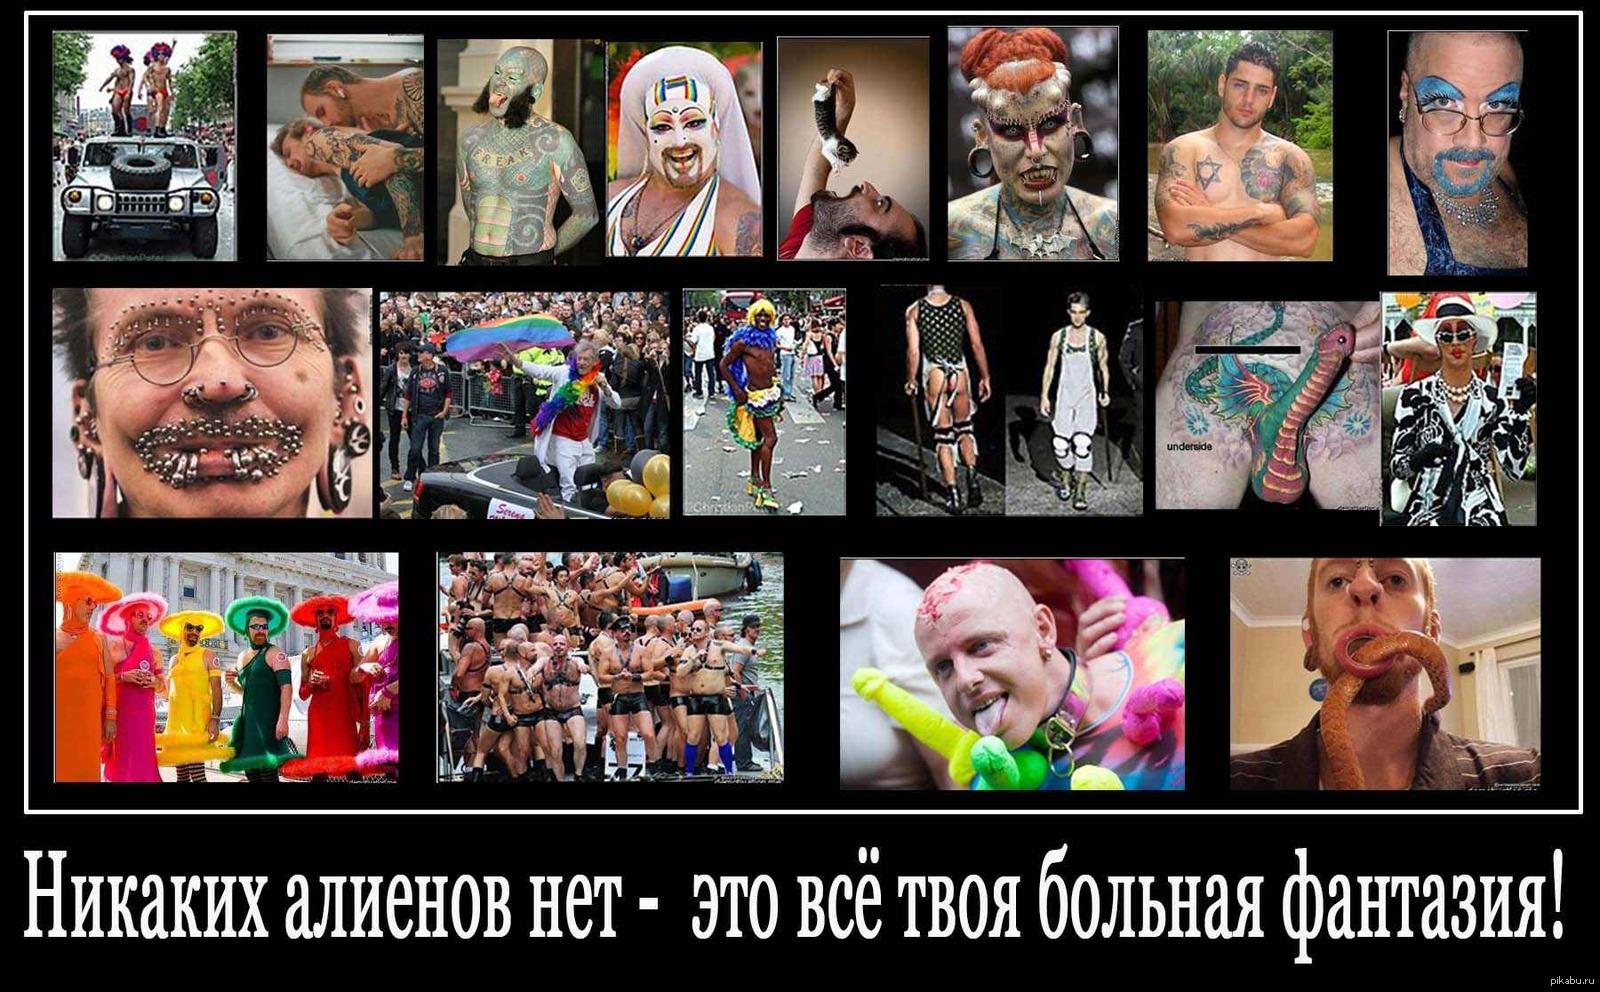 Смотреть хентай замок фантазия замок фантазия на русском 1 фотография